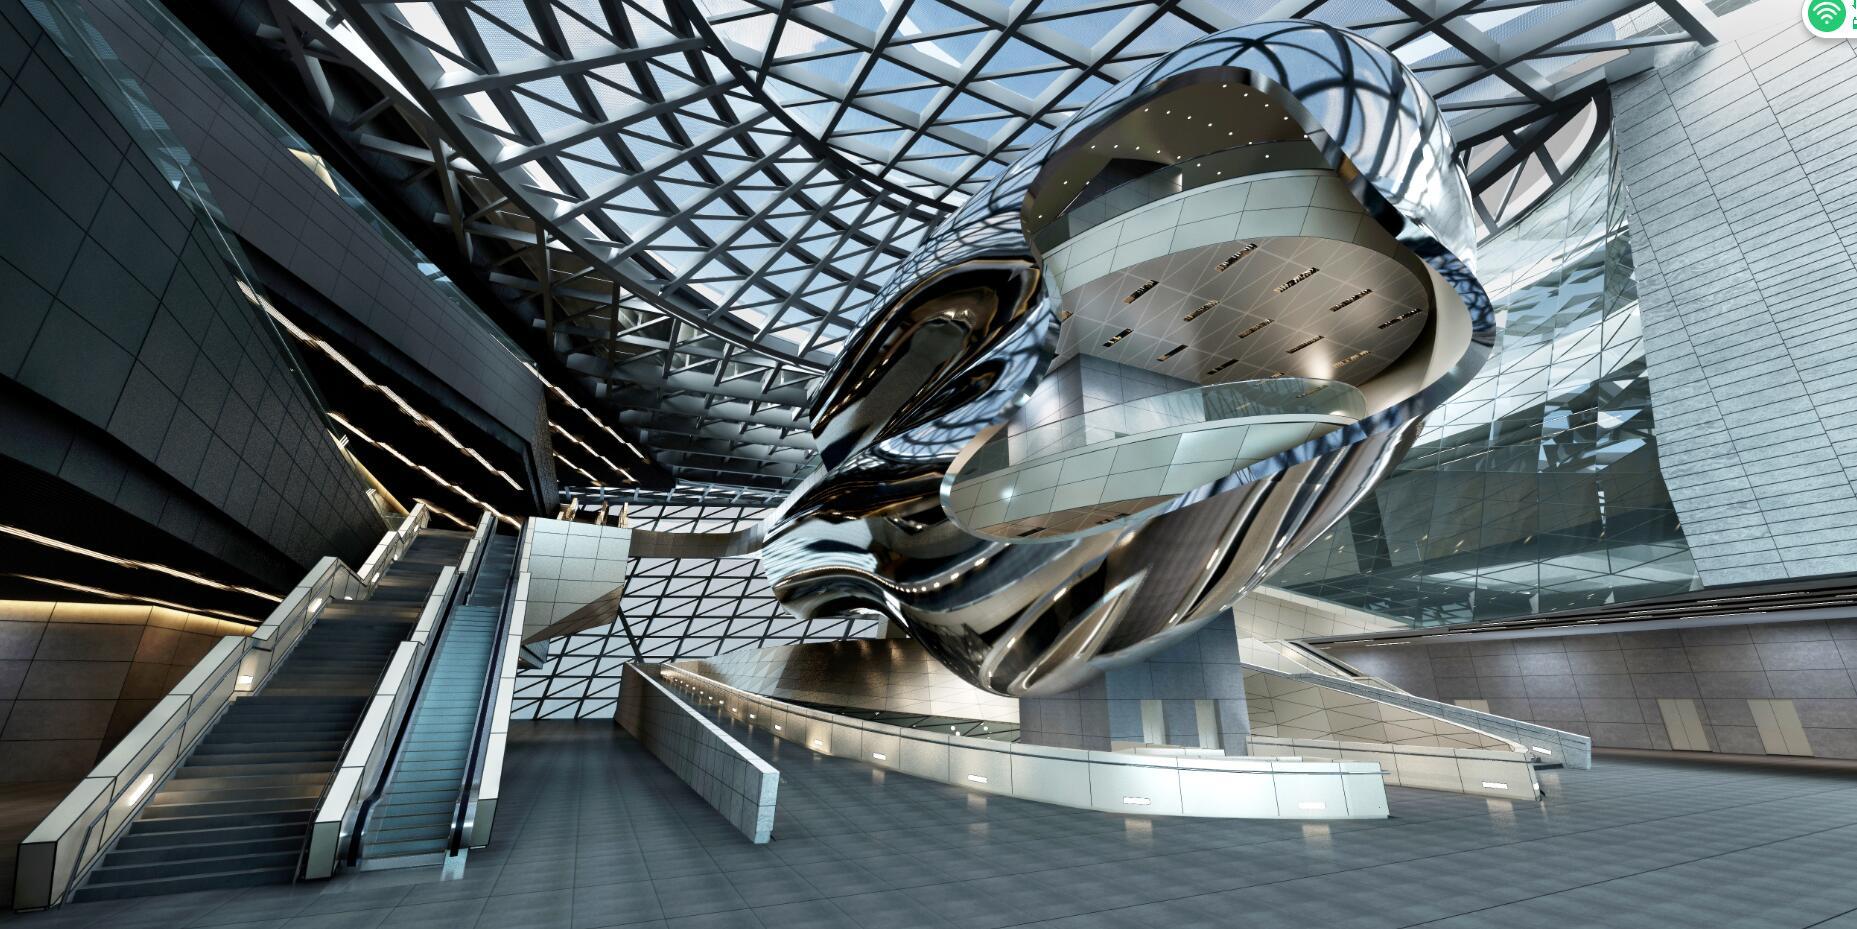 深圳当代艺术馆和规划展览馆2.jpg